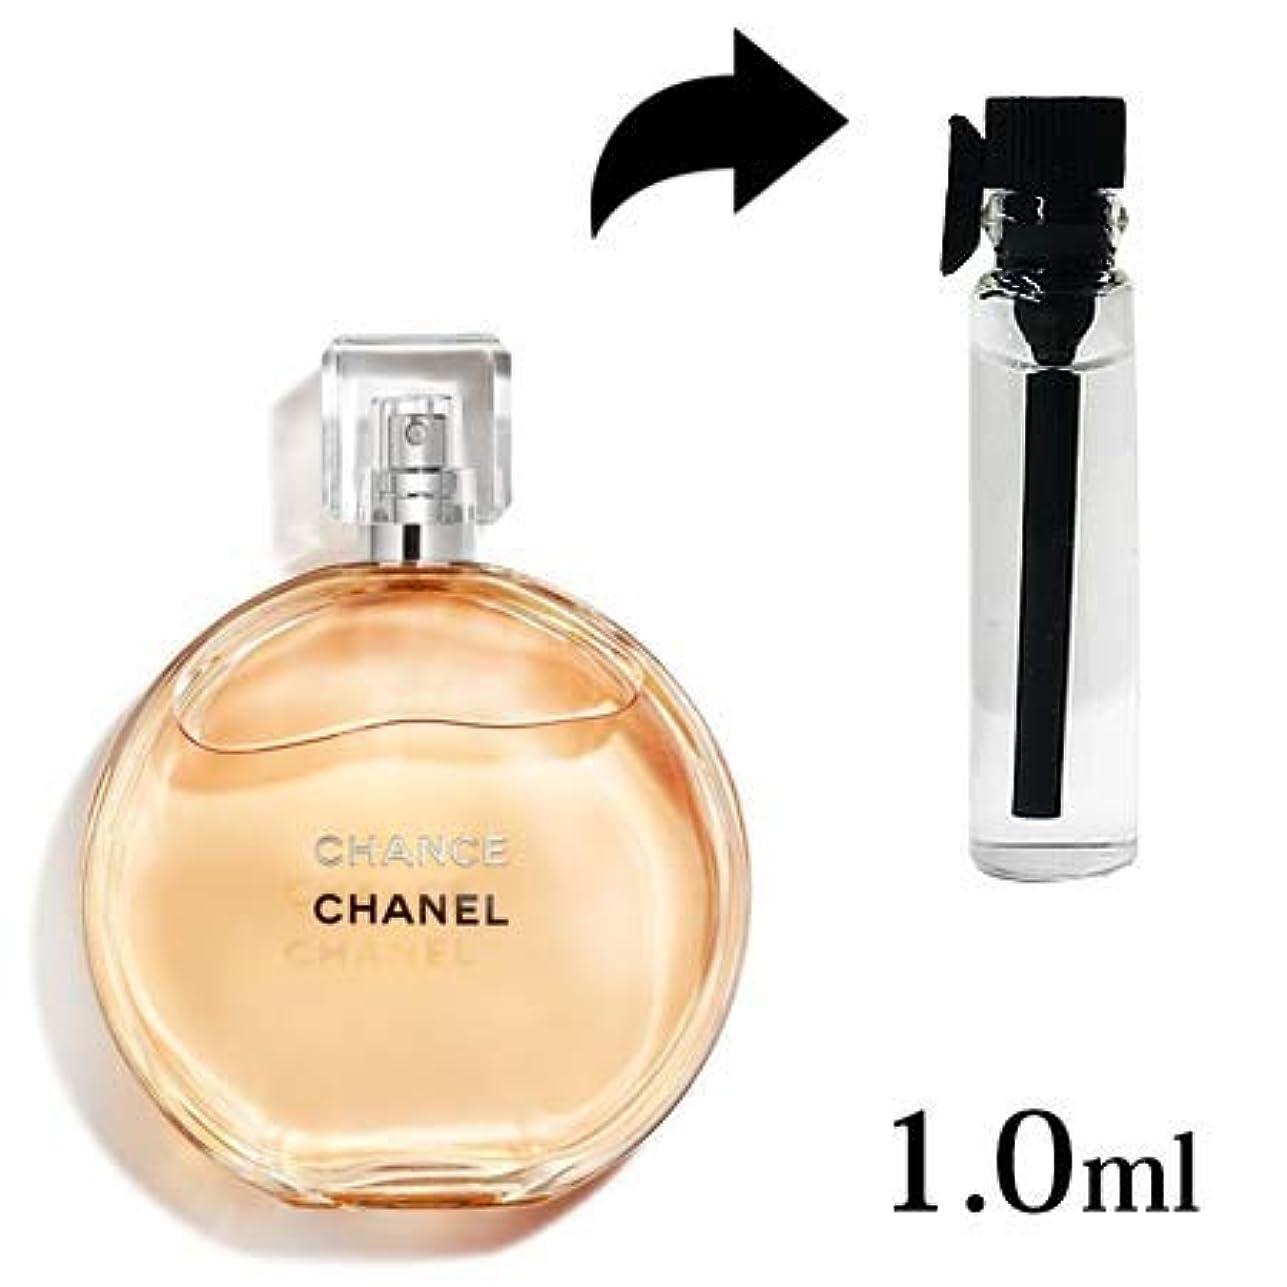 窓を洗う指標悪意のあるシャネル チャンス オードトワレ EDT 1ml -CHANEL- 【並行輸入品】